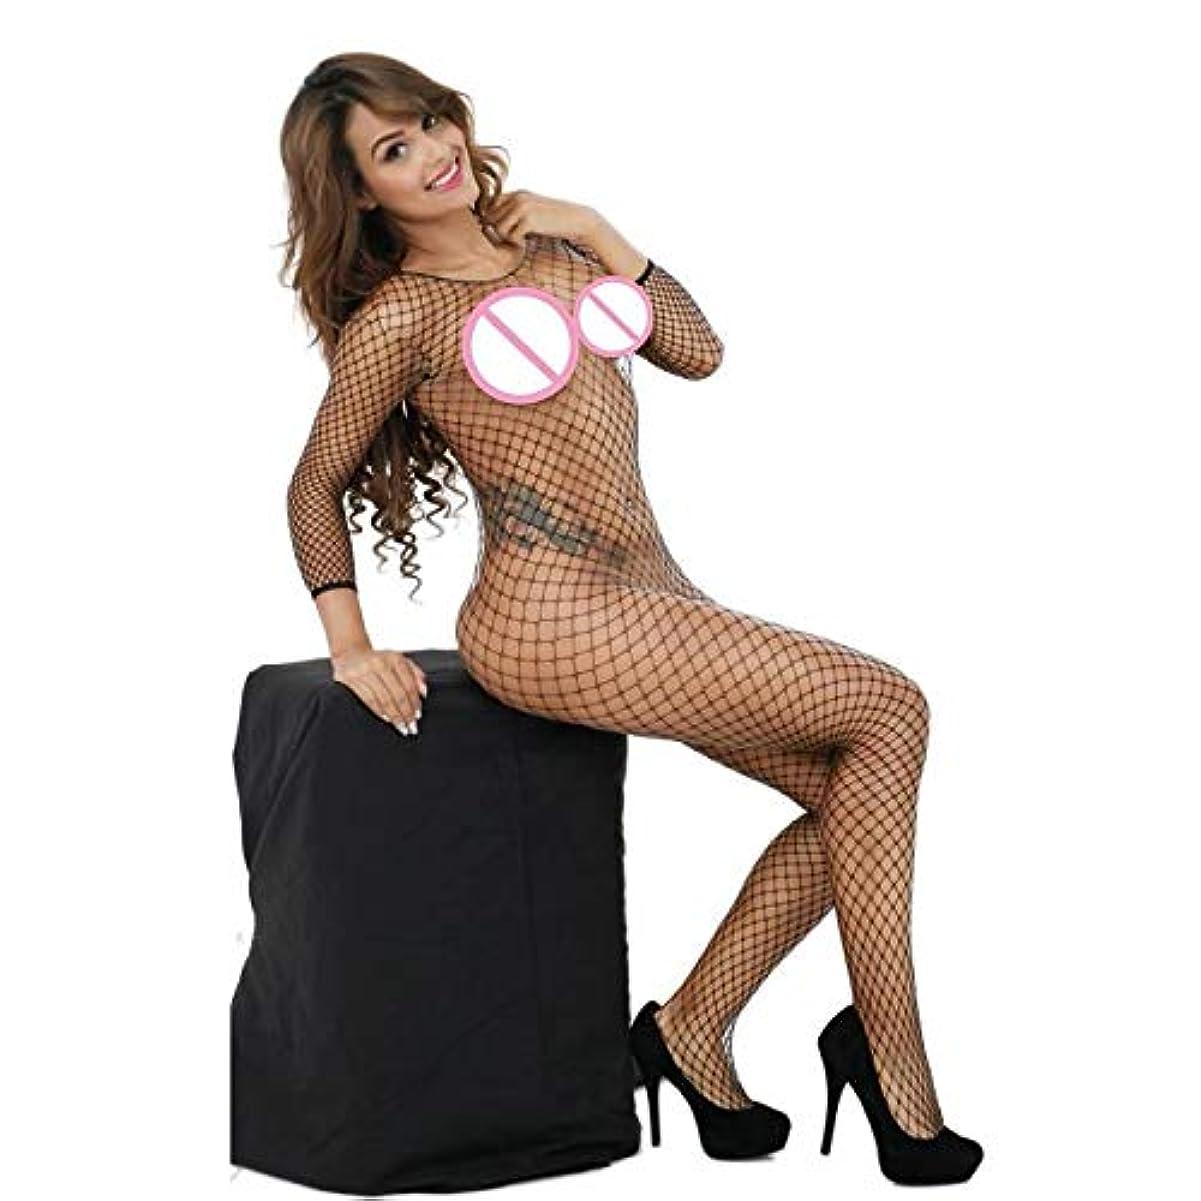 友情セブン有望Cimaybeauty女性セクシーなランジェリー網タイツクロッチレスベビードールボディスーツナイトウェア